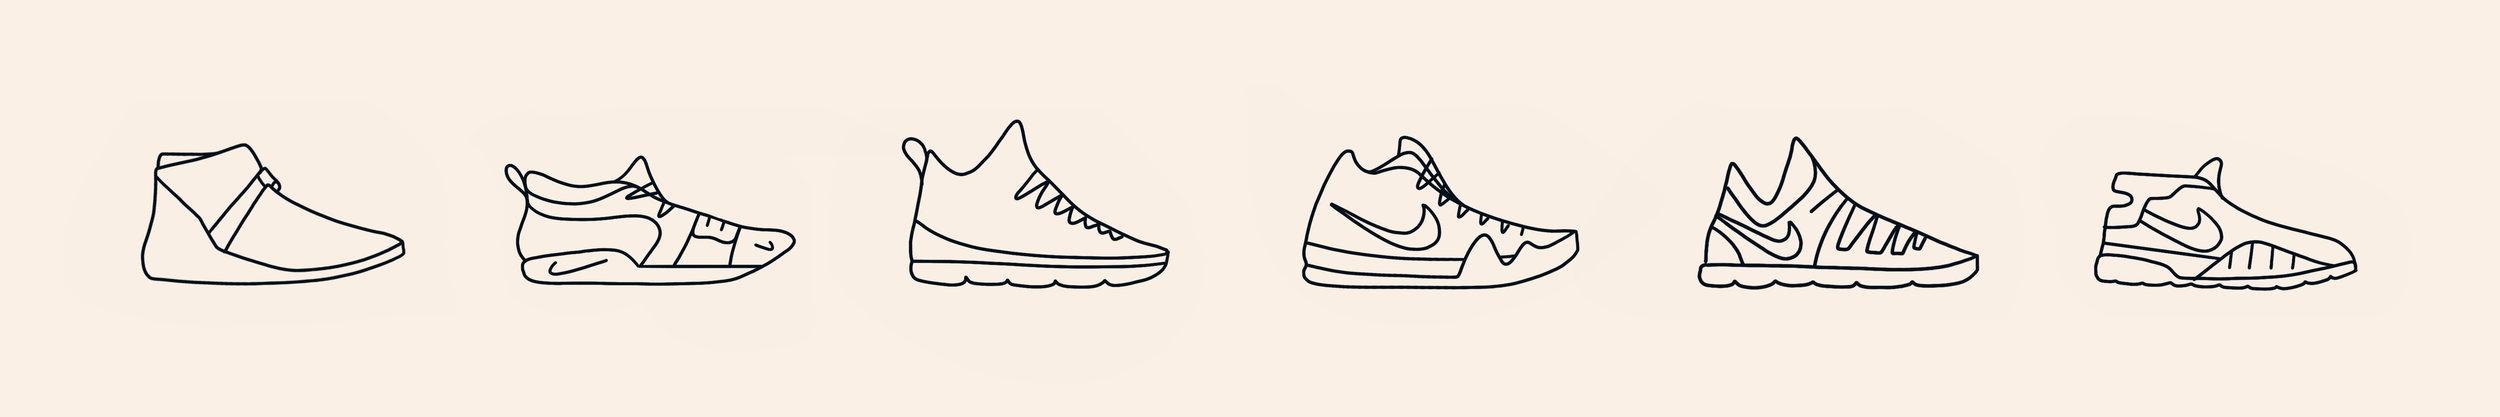 AllStarShoes